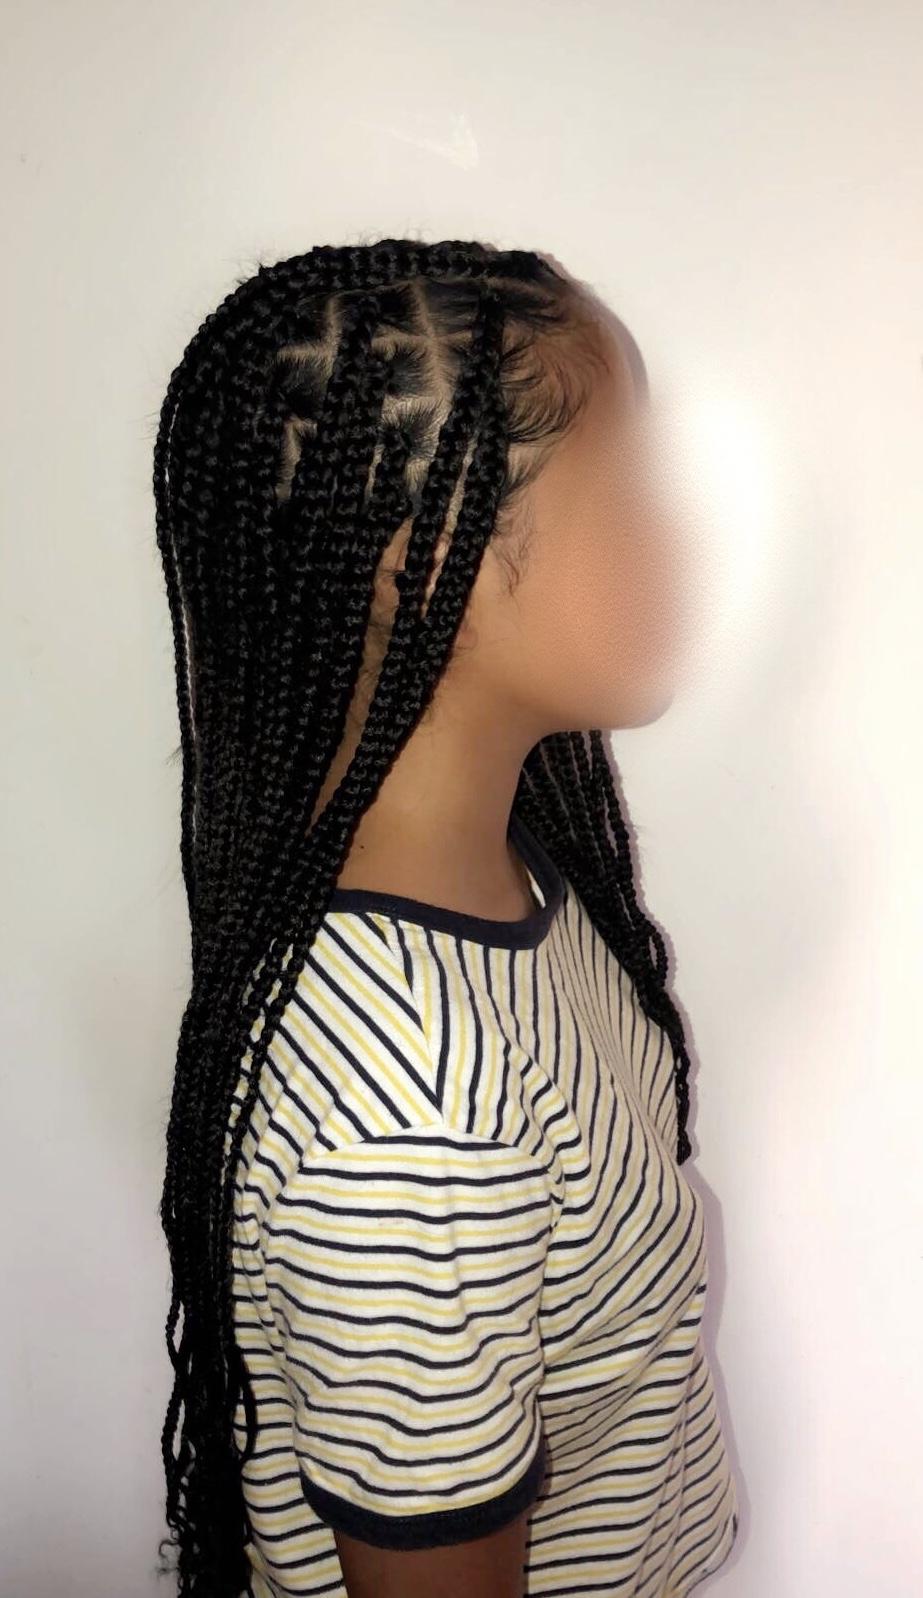 salon de coiffure afro tresse tresses box braids crochet braids vanilles tissages paris 75 77 78 91 92 93 94 95 SCRFNNRQ